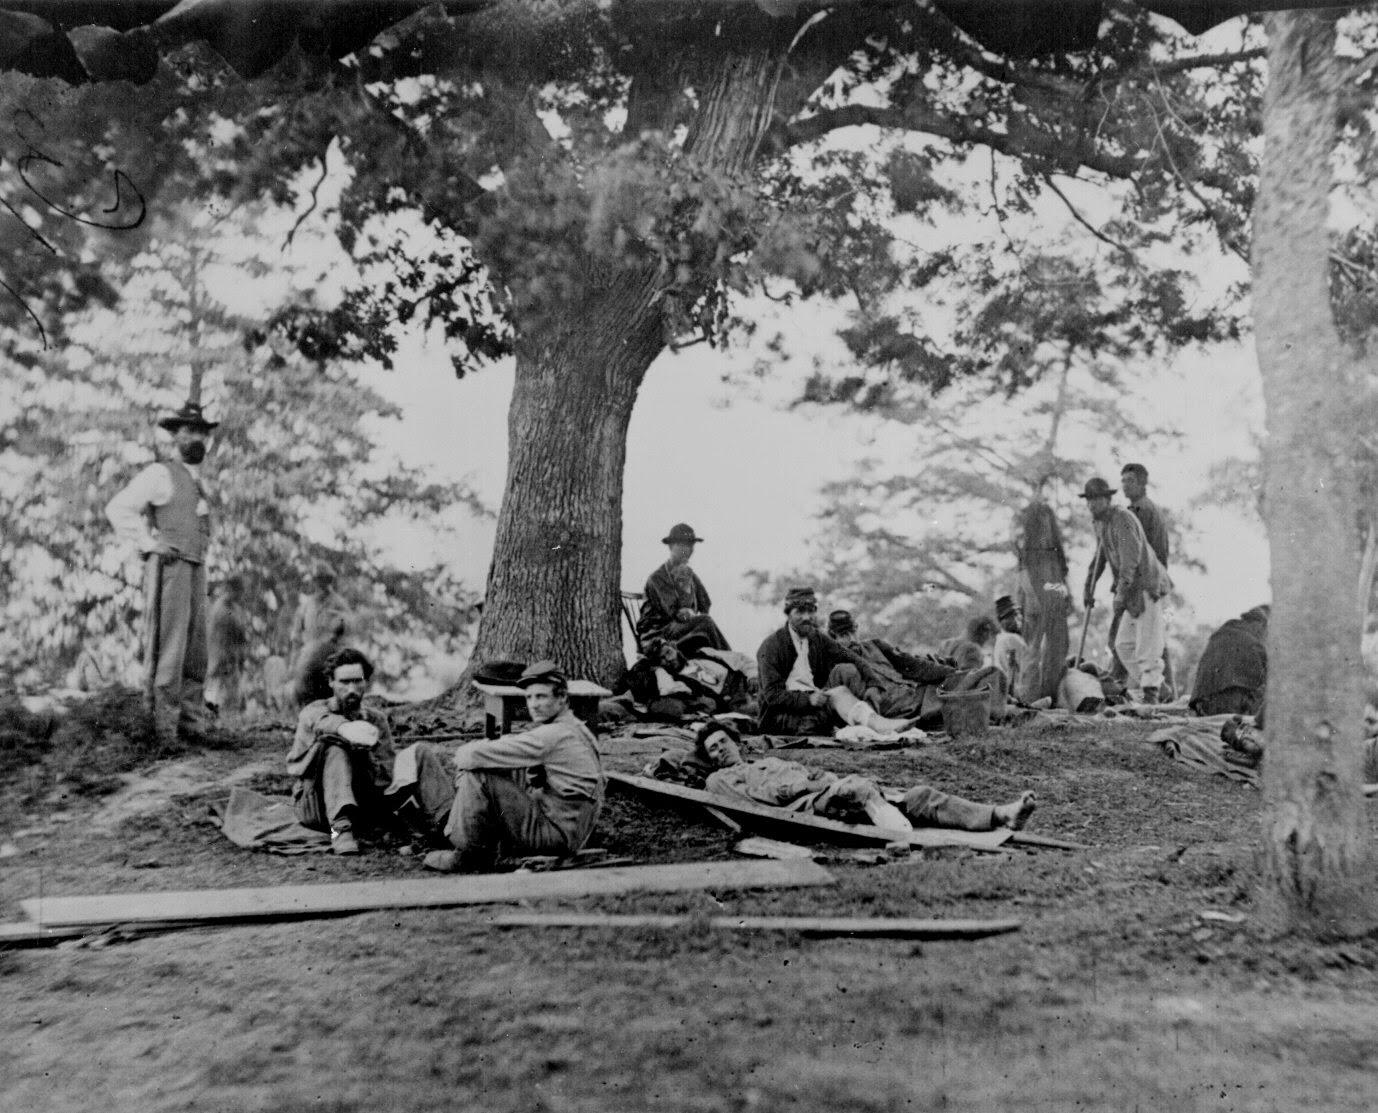 Guerra Civil Estadounidense - Soldados heridos